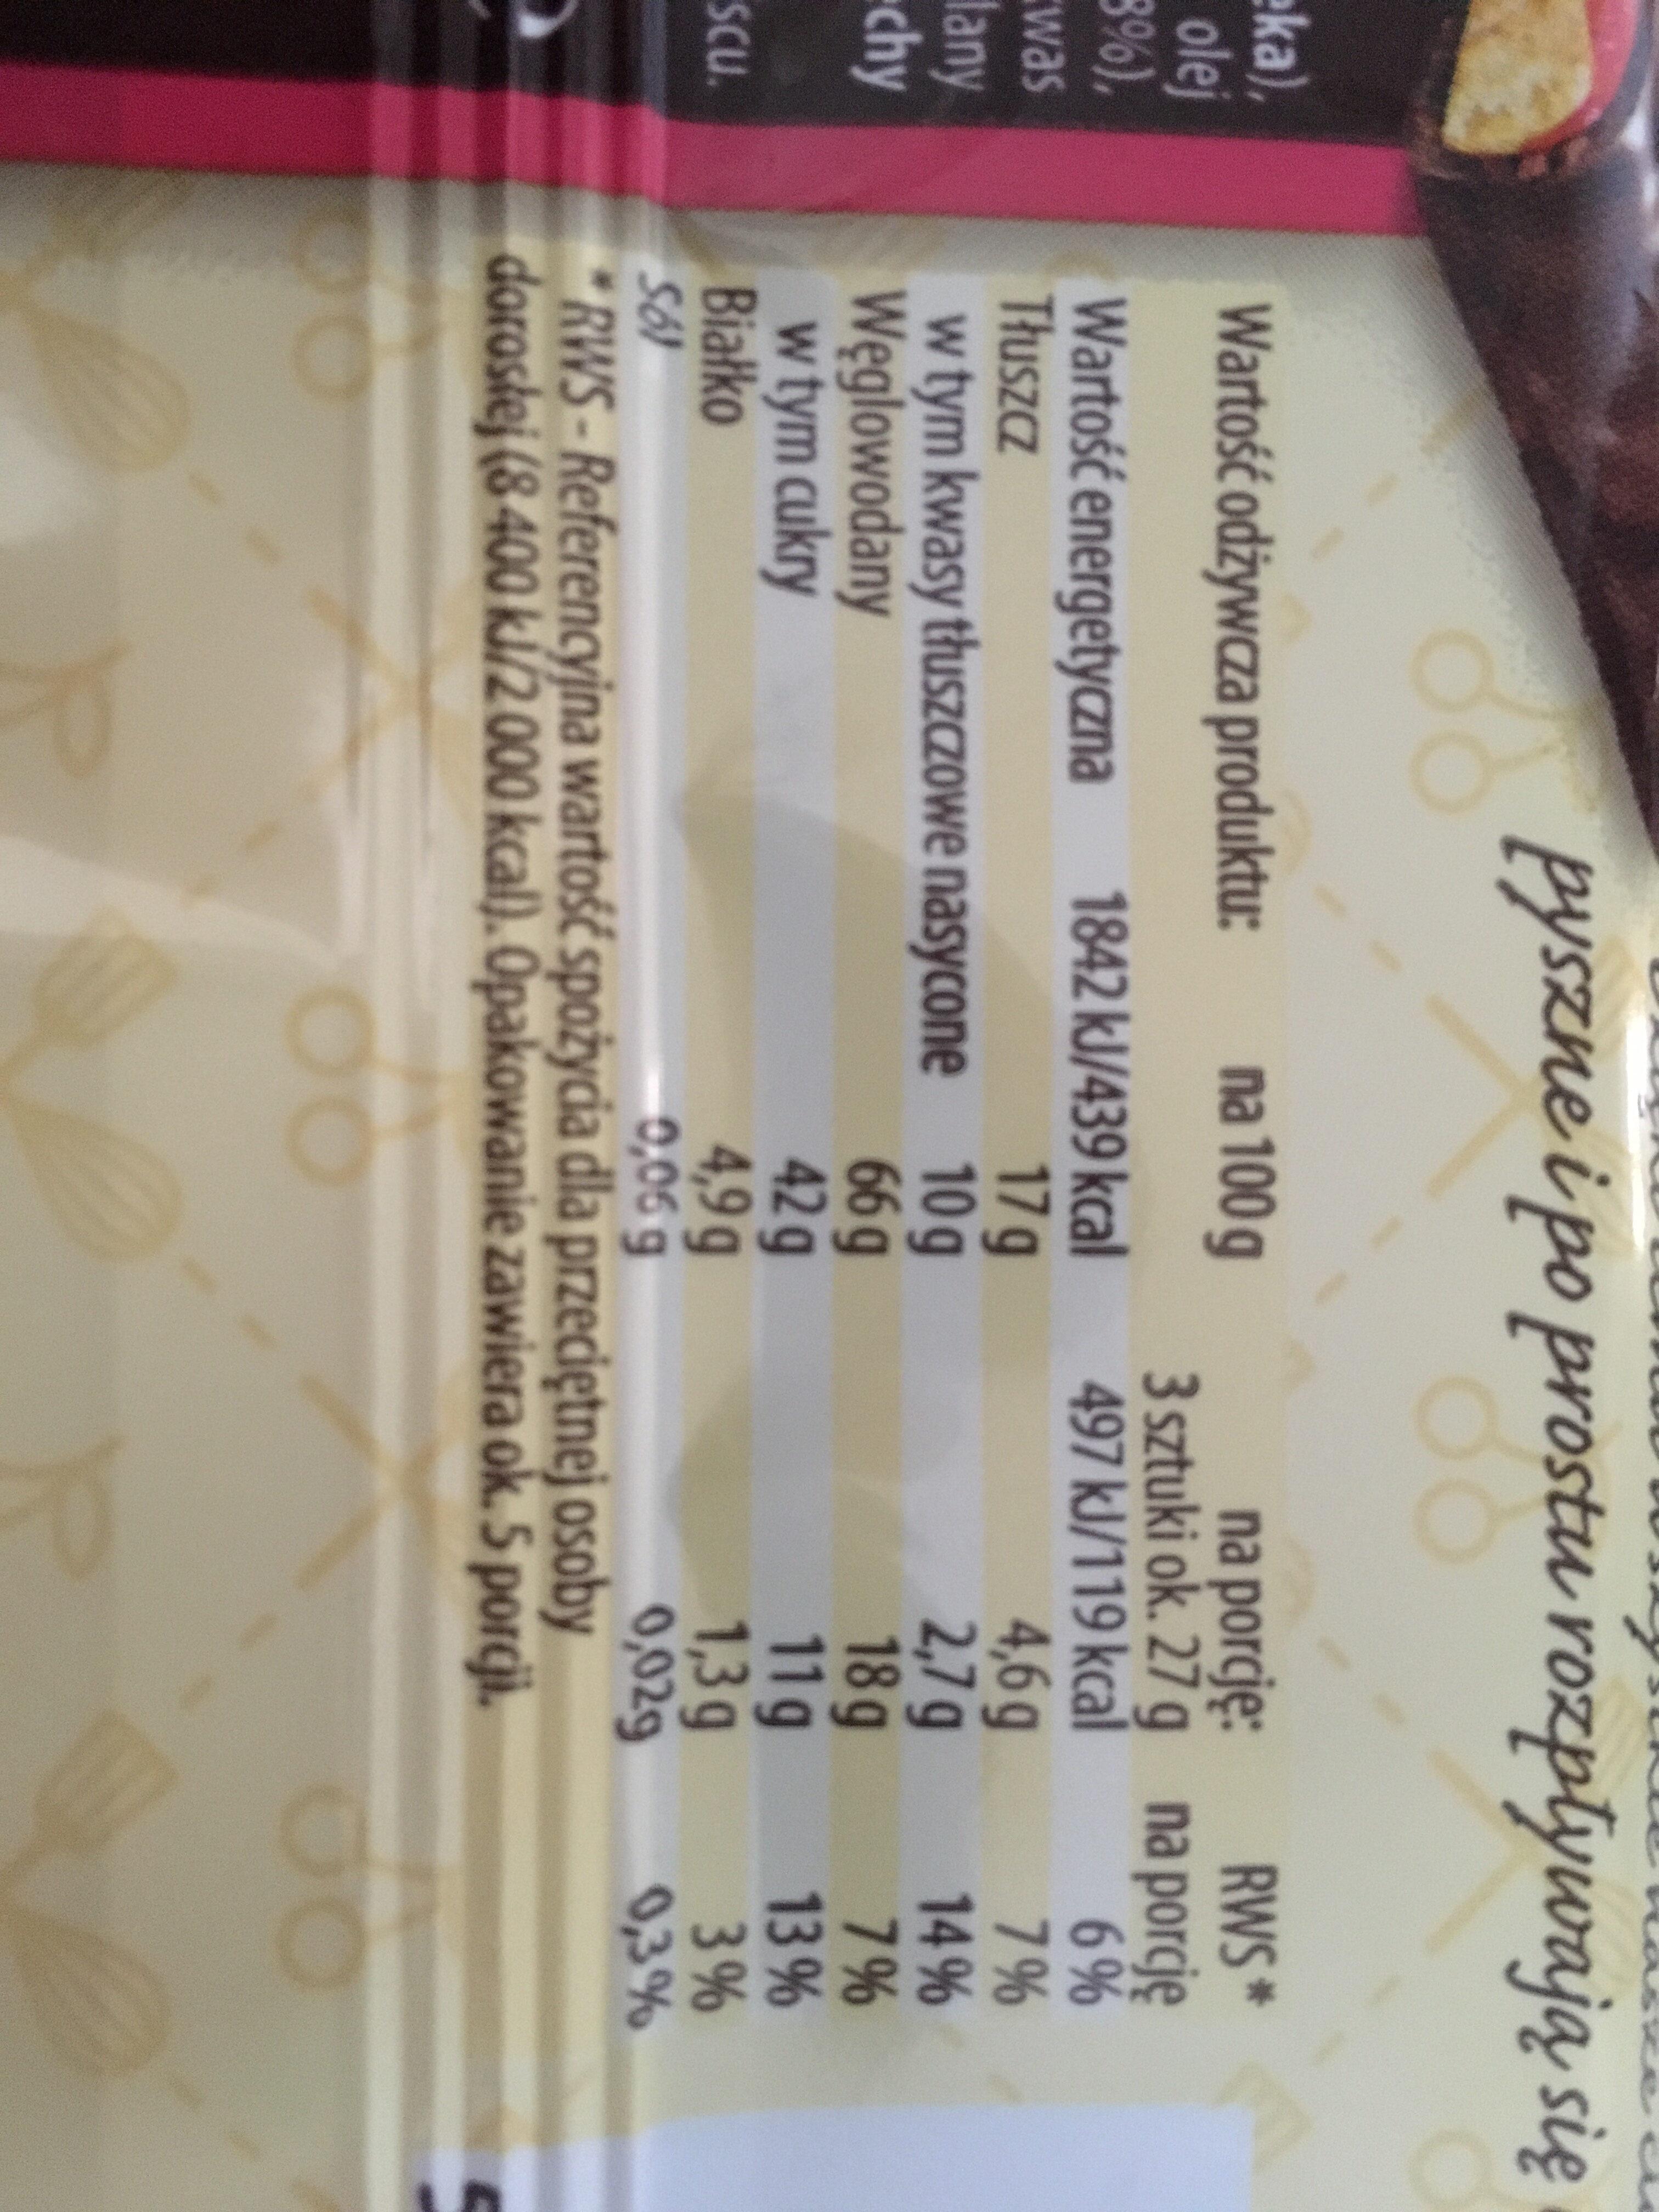 Krakuski - Nutrition facts